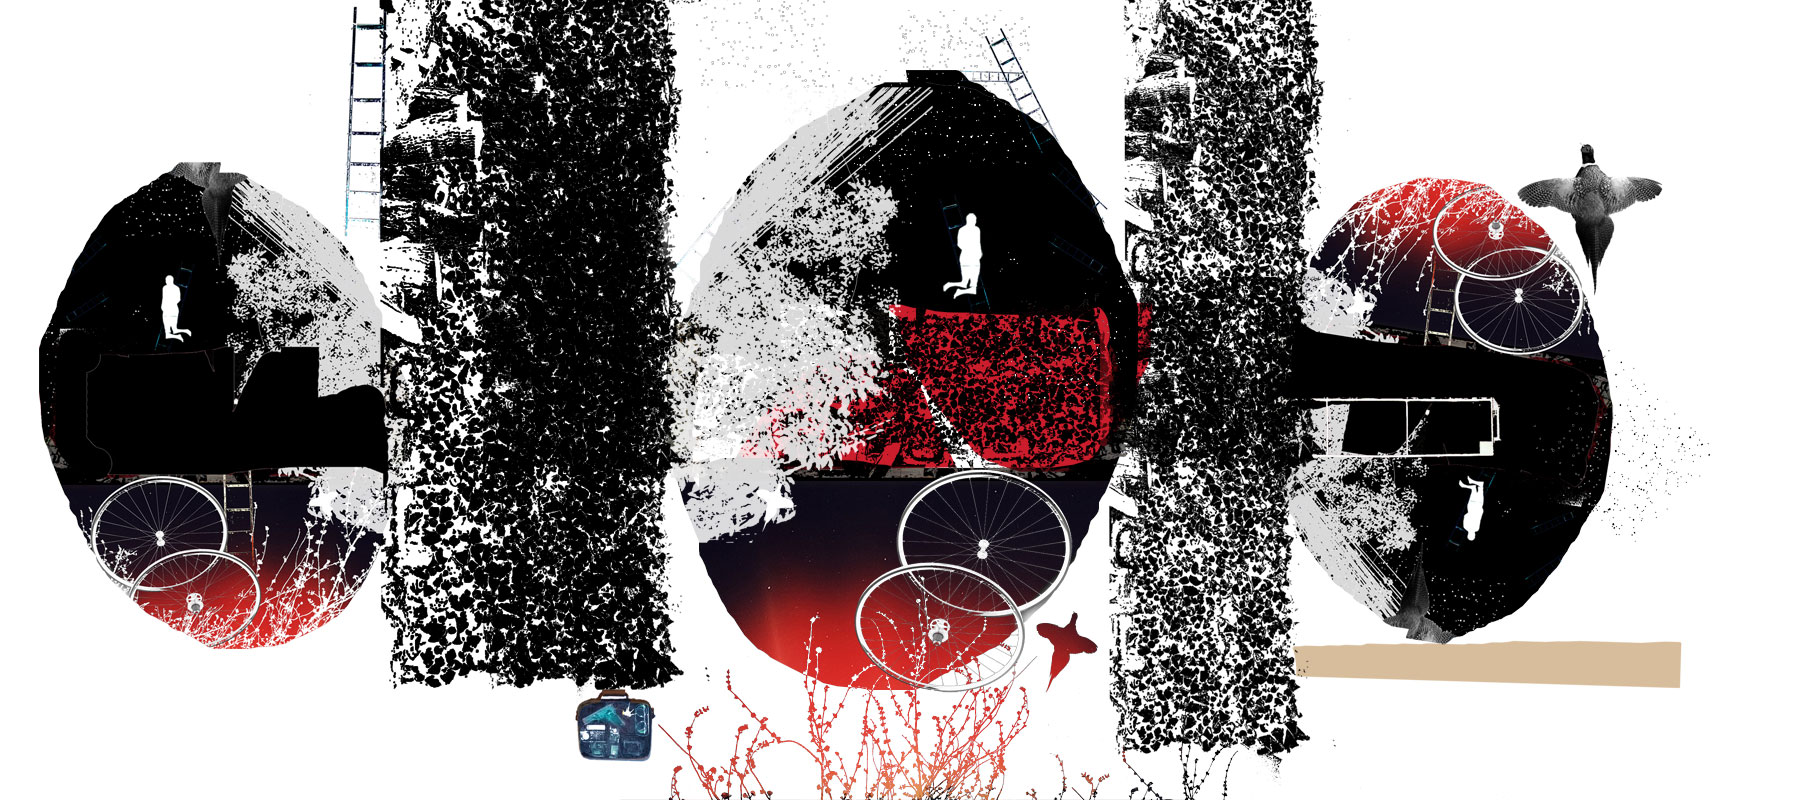 2008-10-15-z-eggs_torn3.jpg